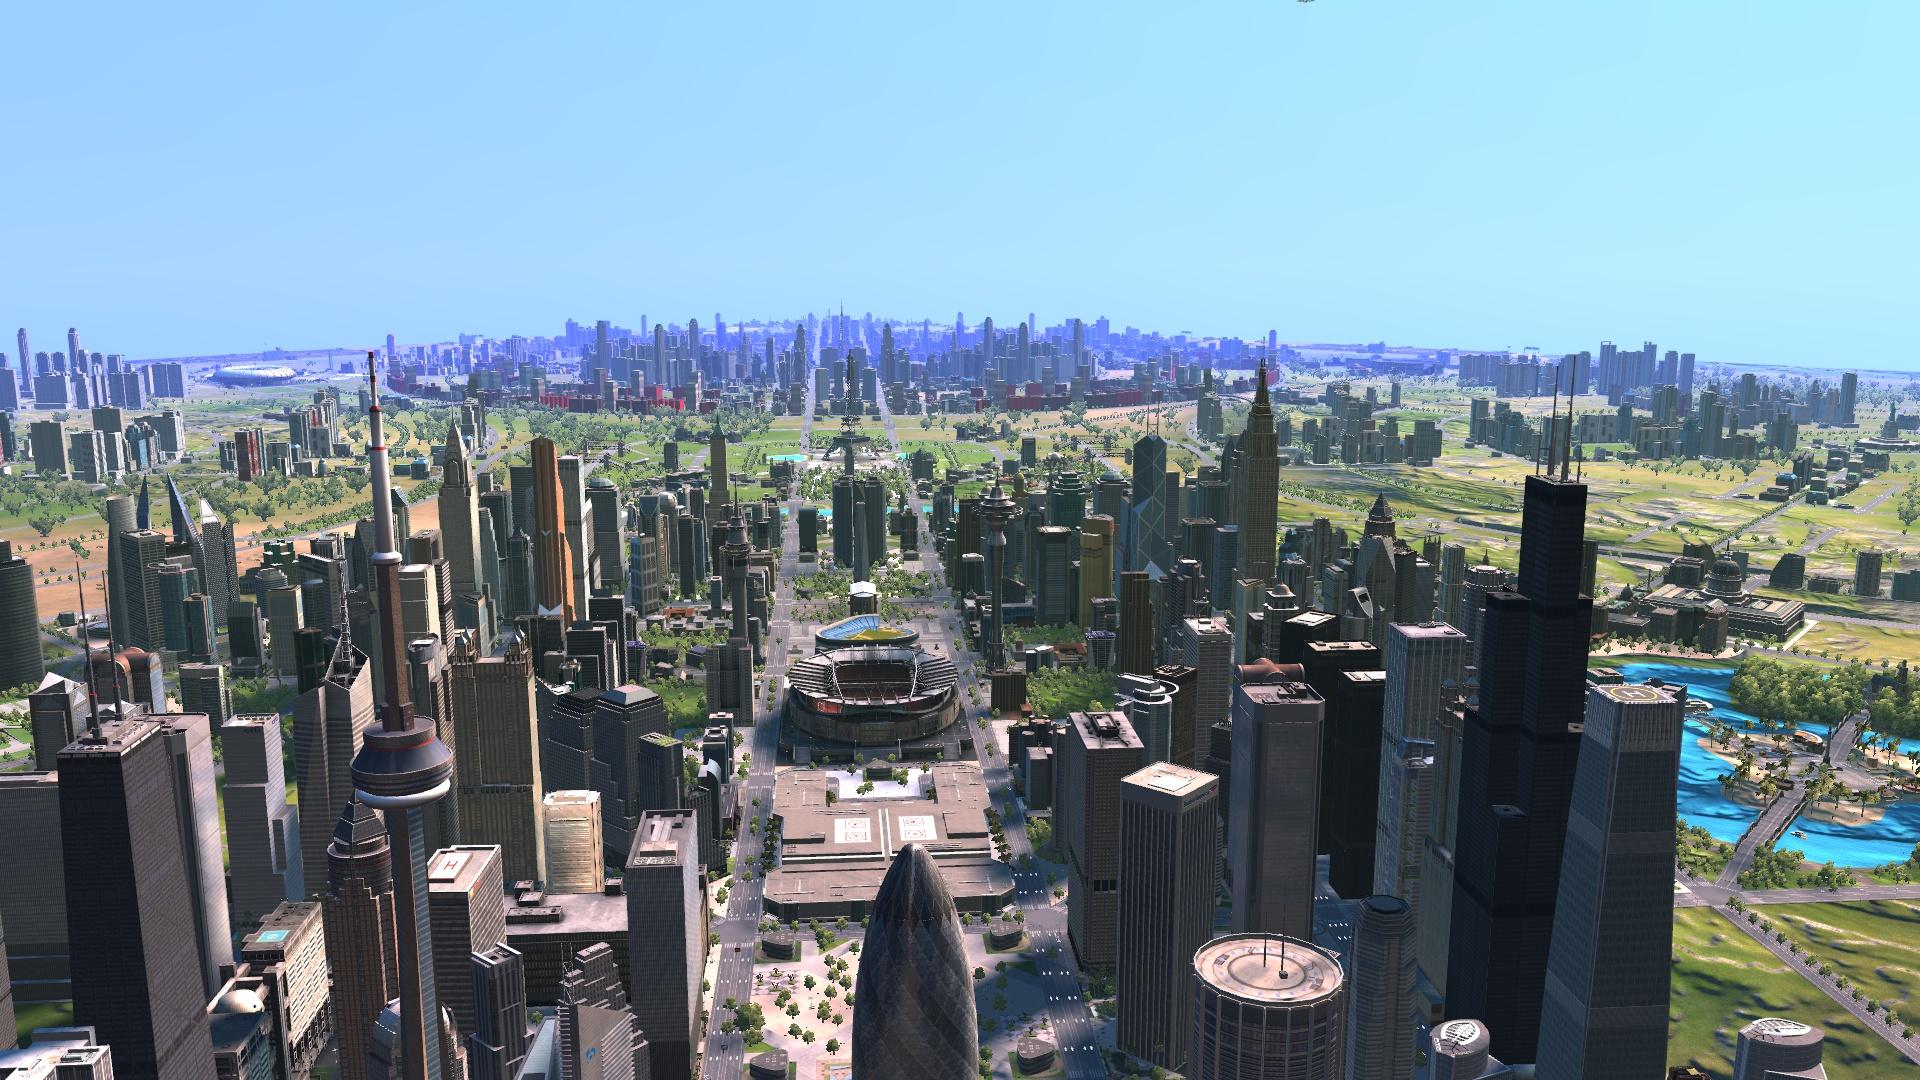 cxl_screenshot_futureville_6.jpg